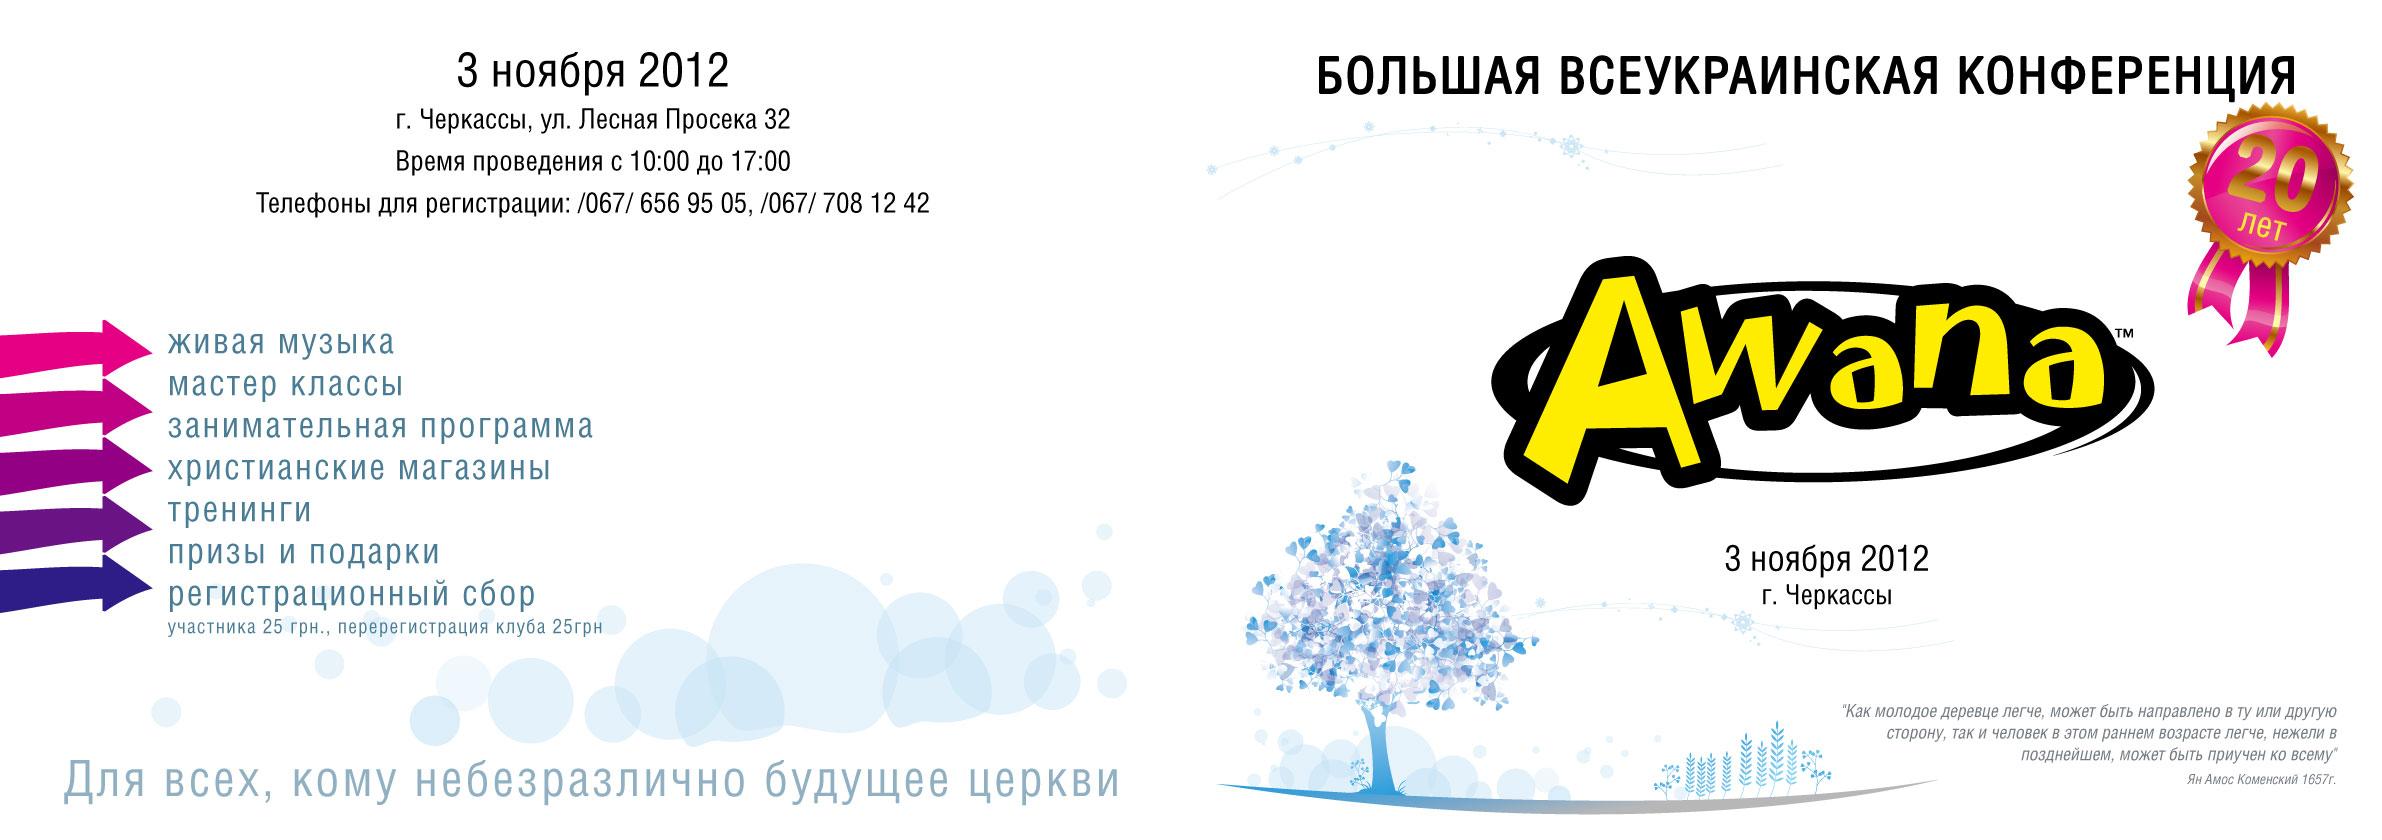 Всеукраинская конференция 2012